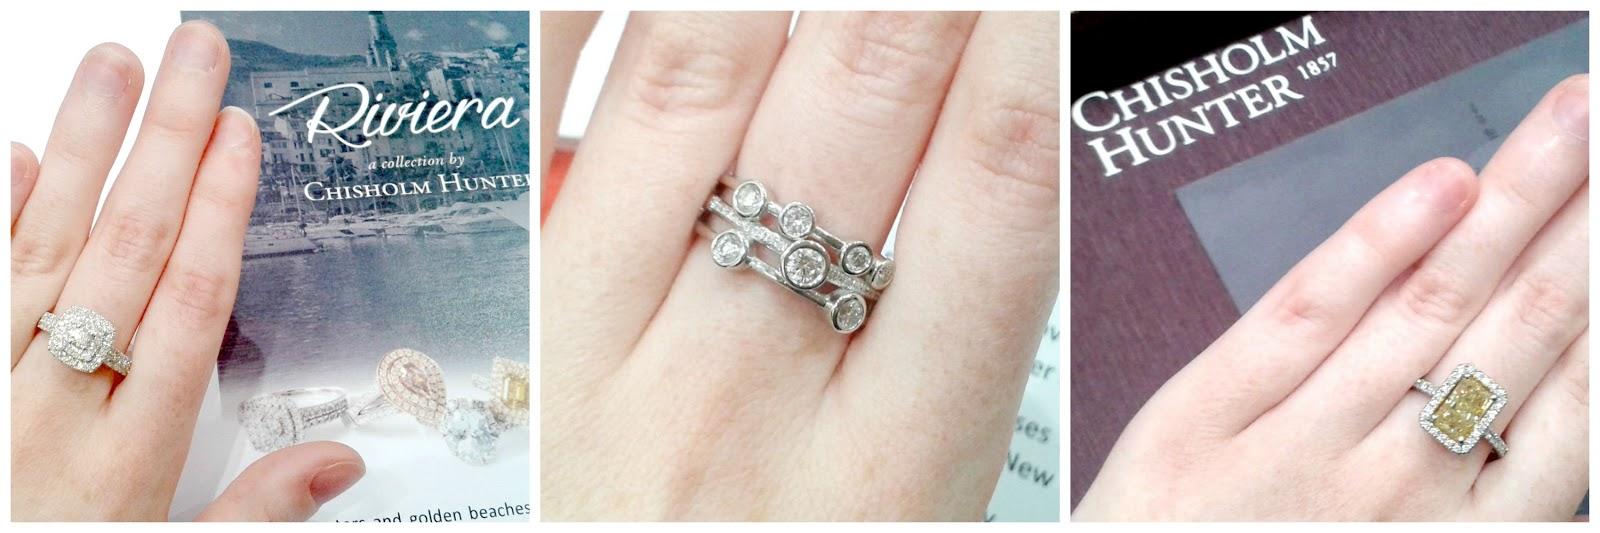 Chisholm Hunter Rings